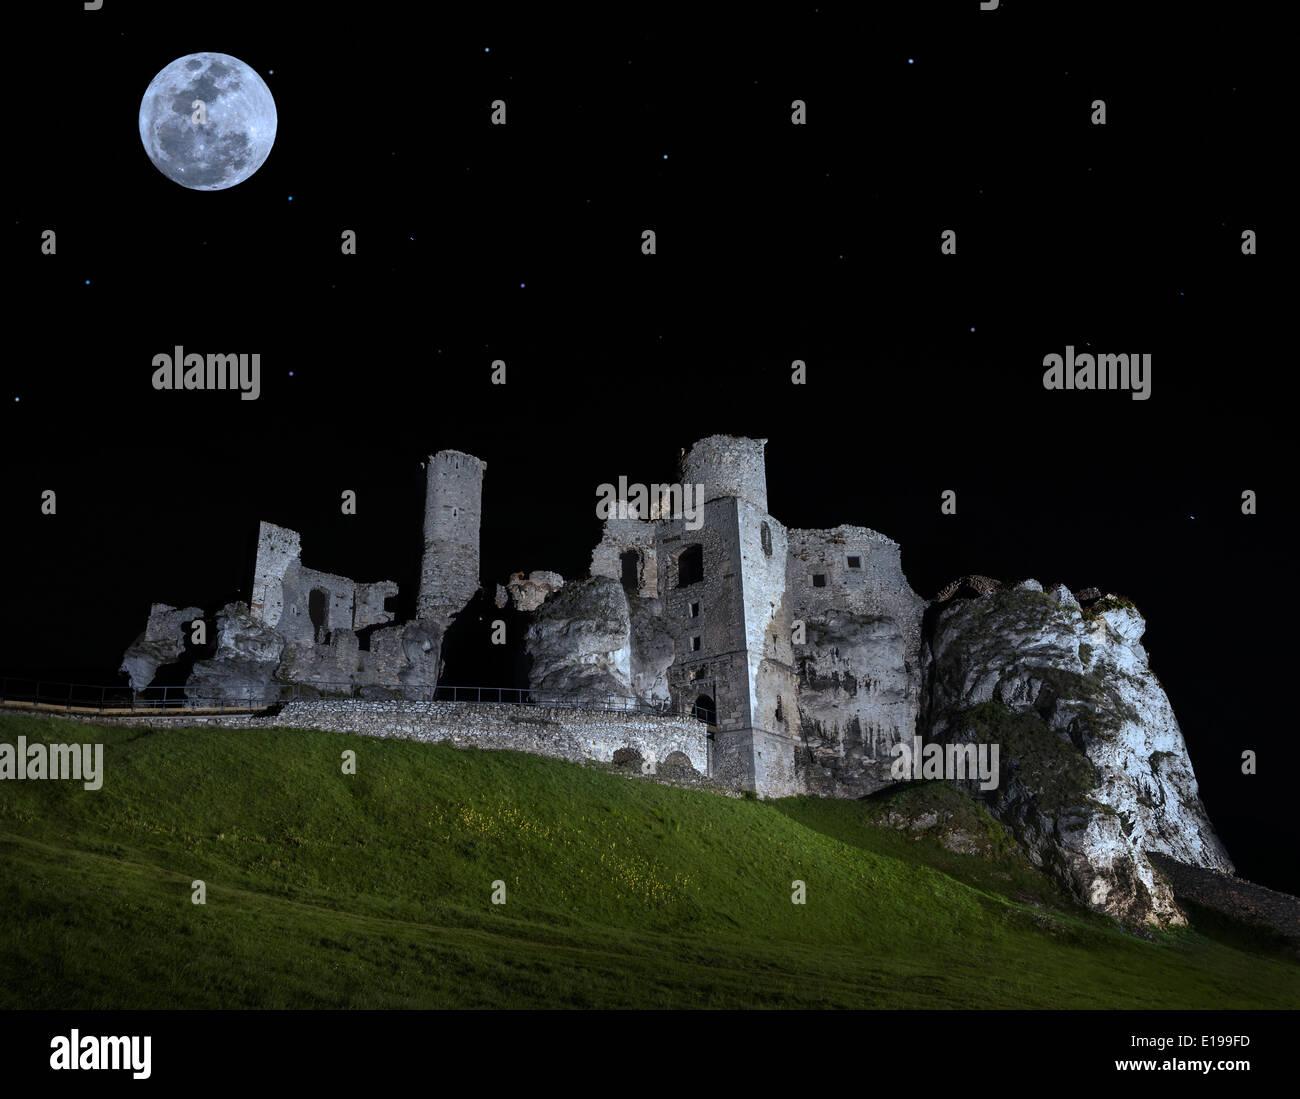 Luna piena sopra le rovine del castello, Ogrodzieniec, Polonia. Immagini Stock